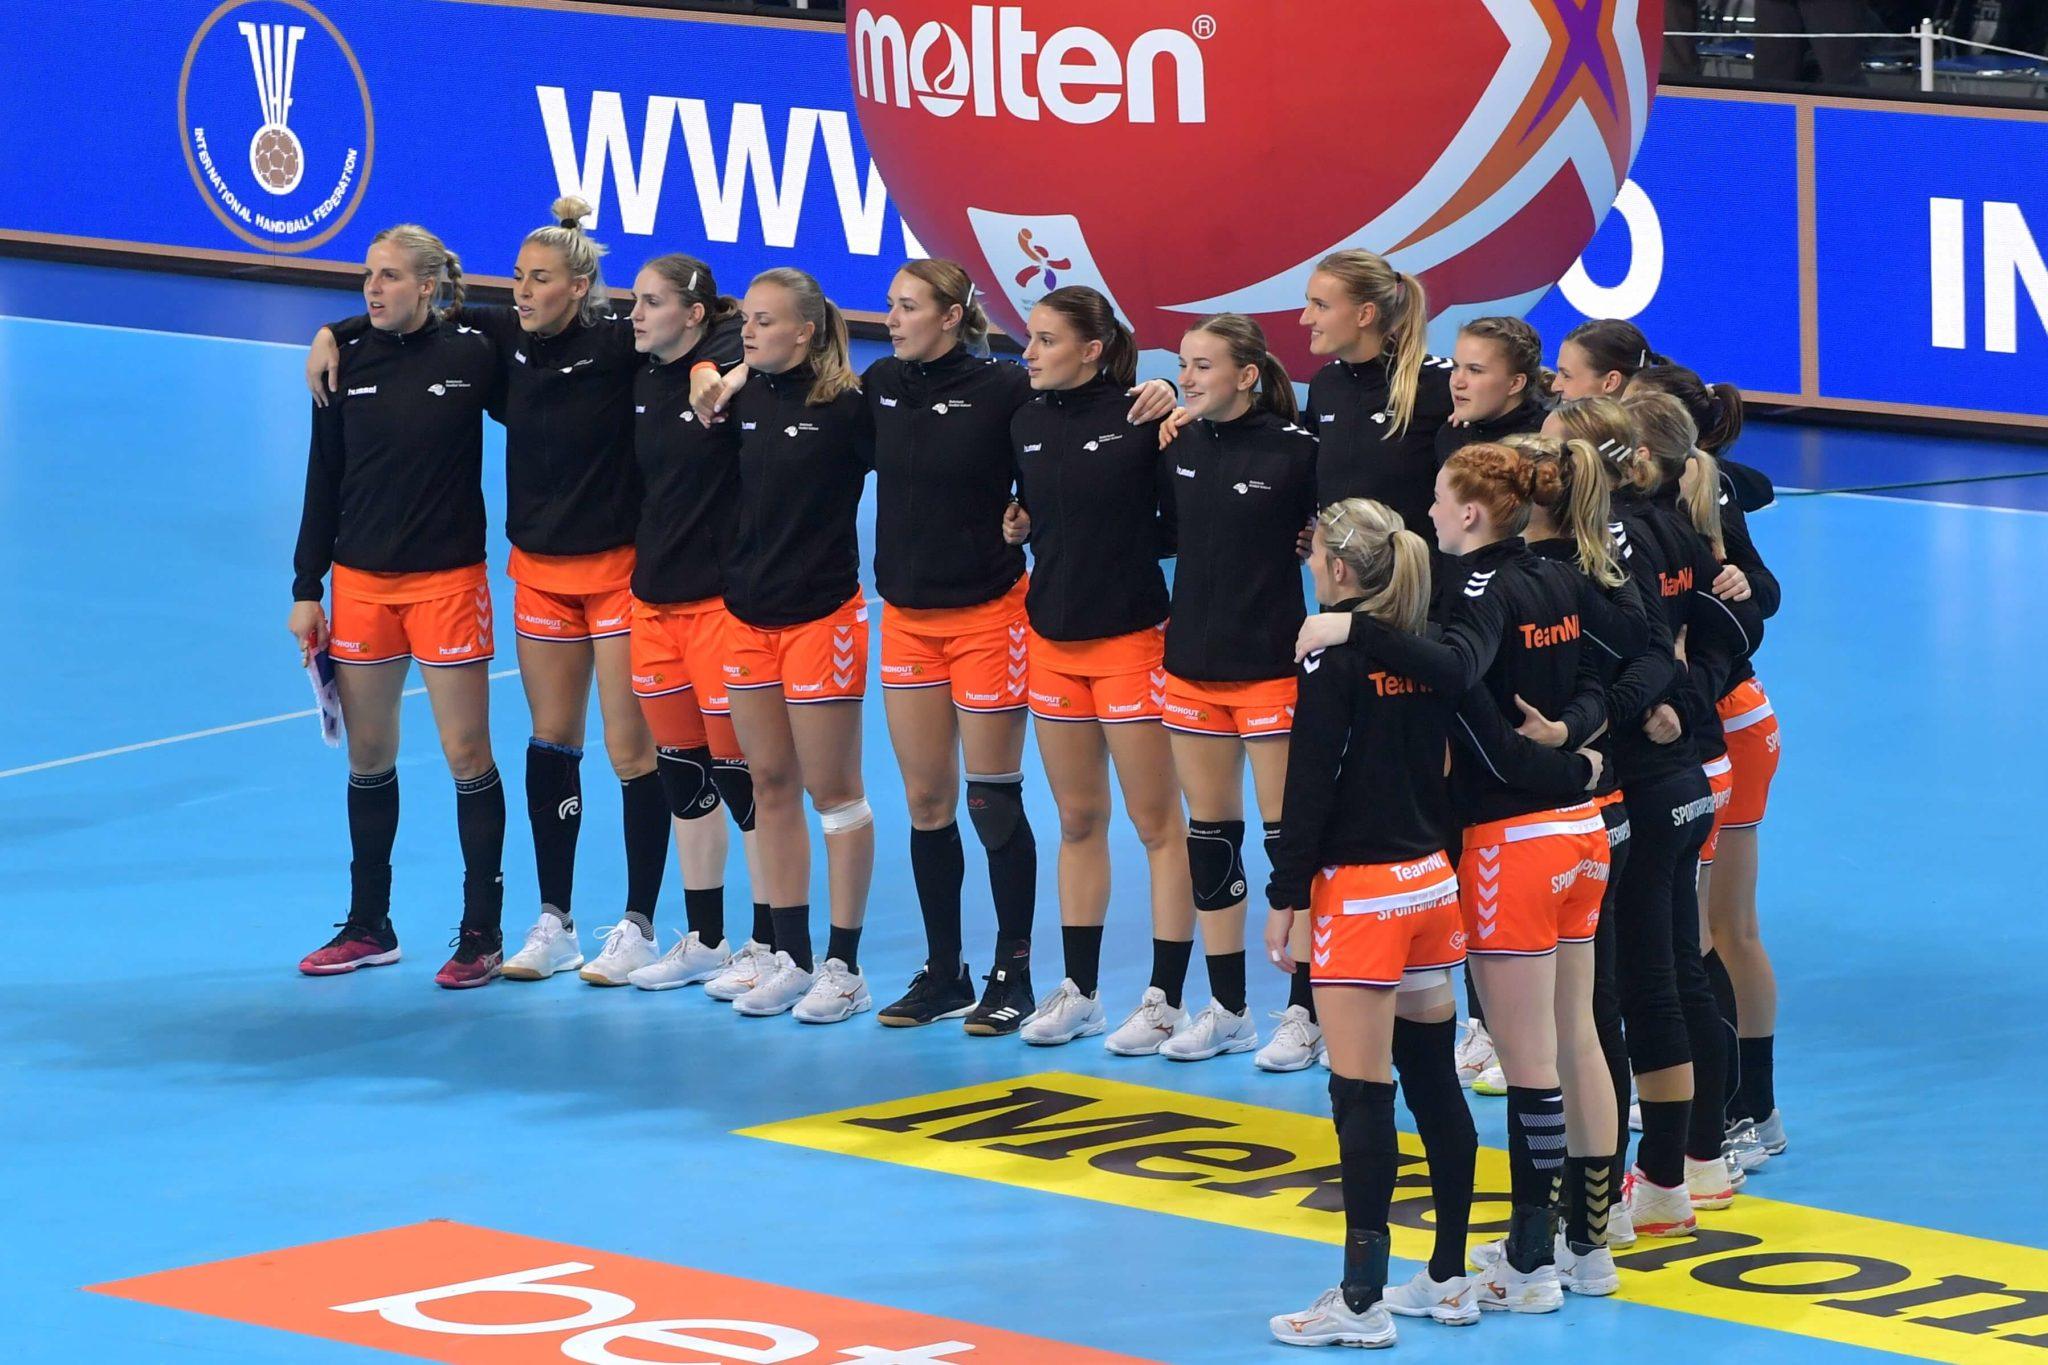 Wilhelmus Hele Team